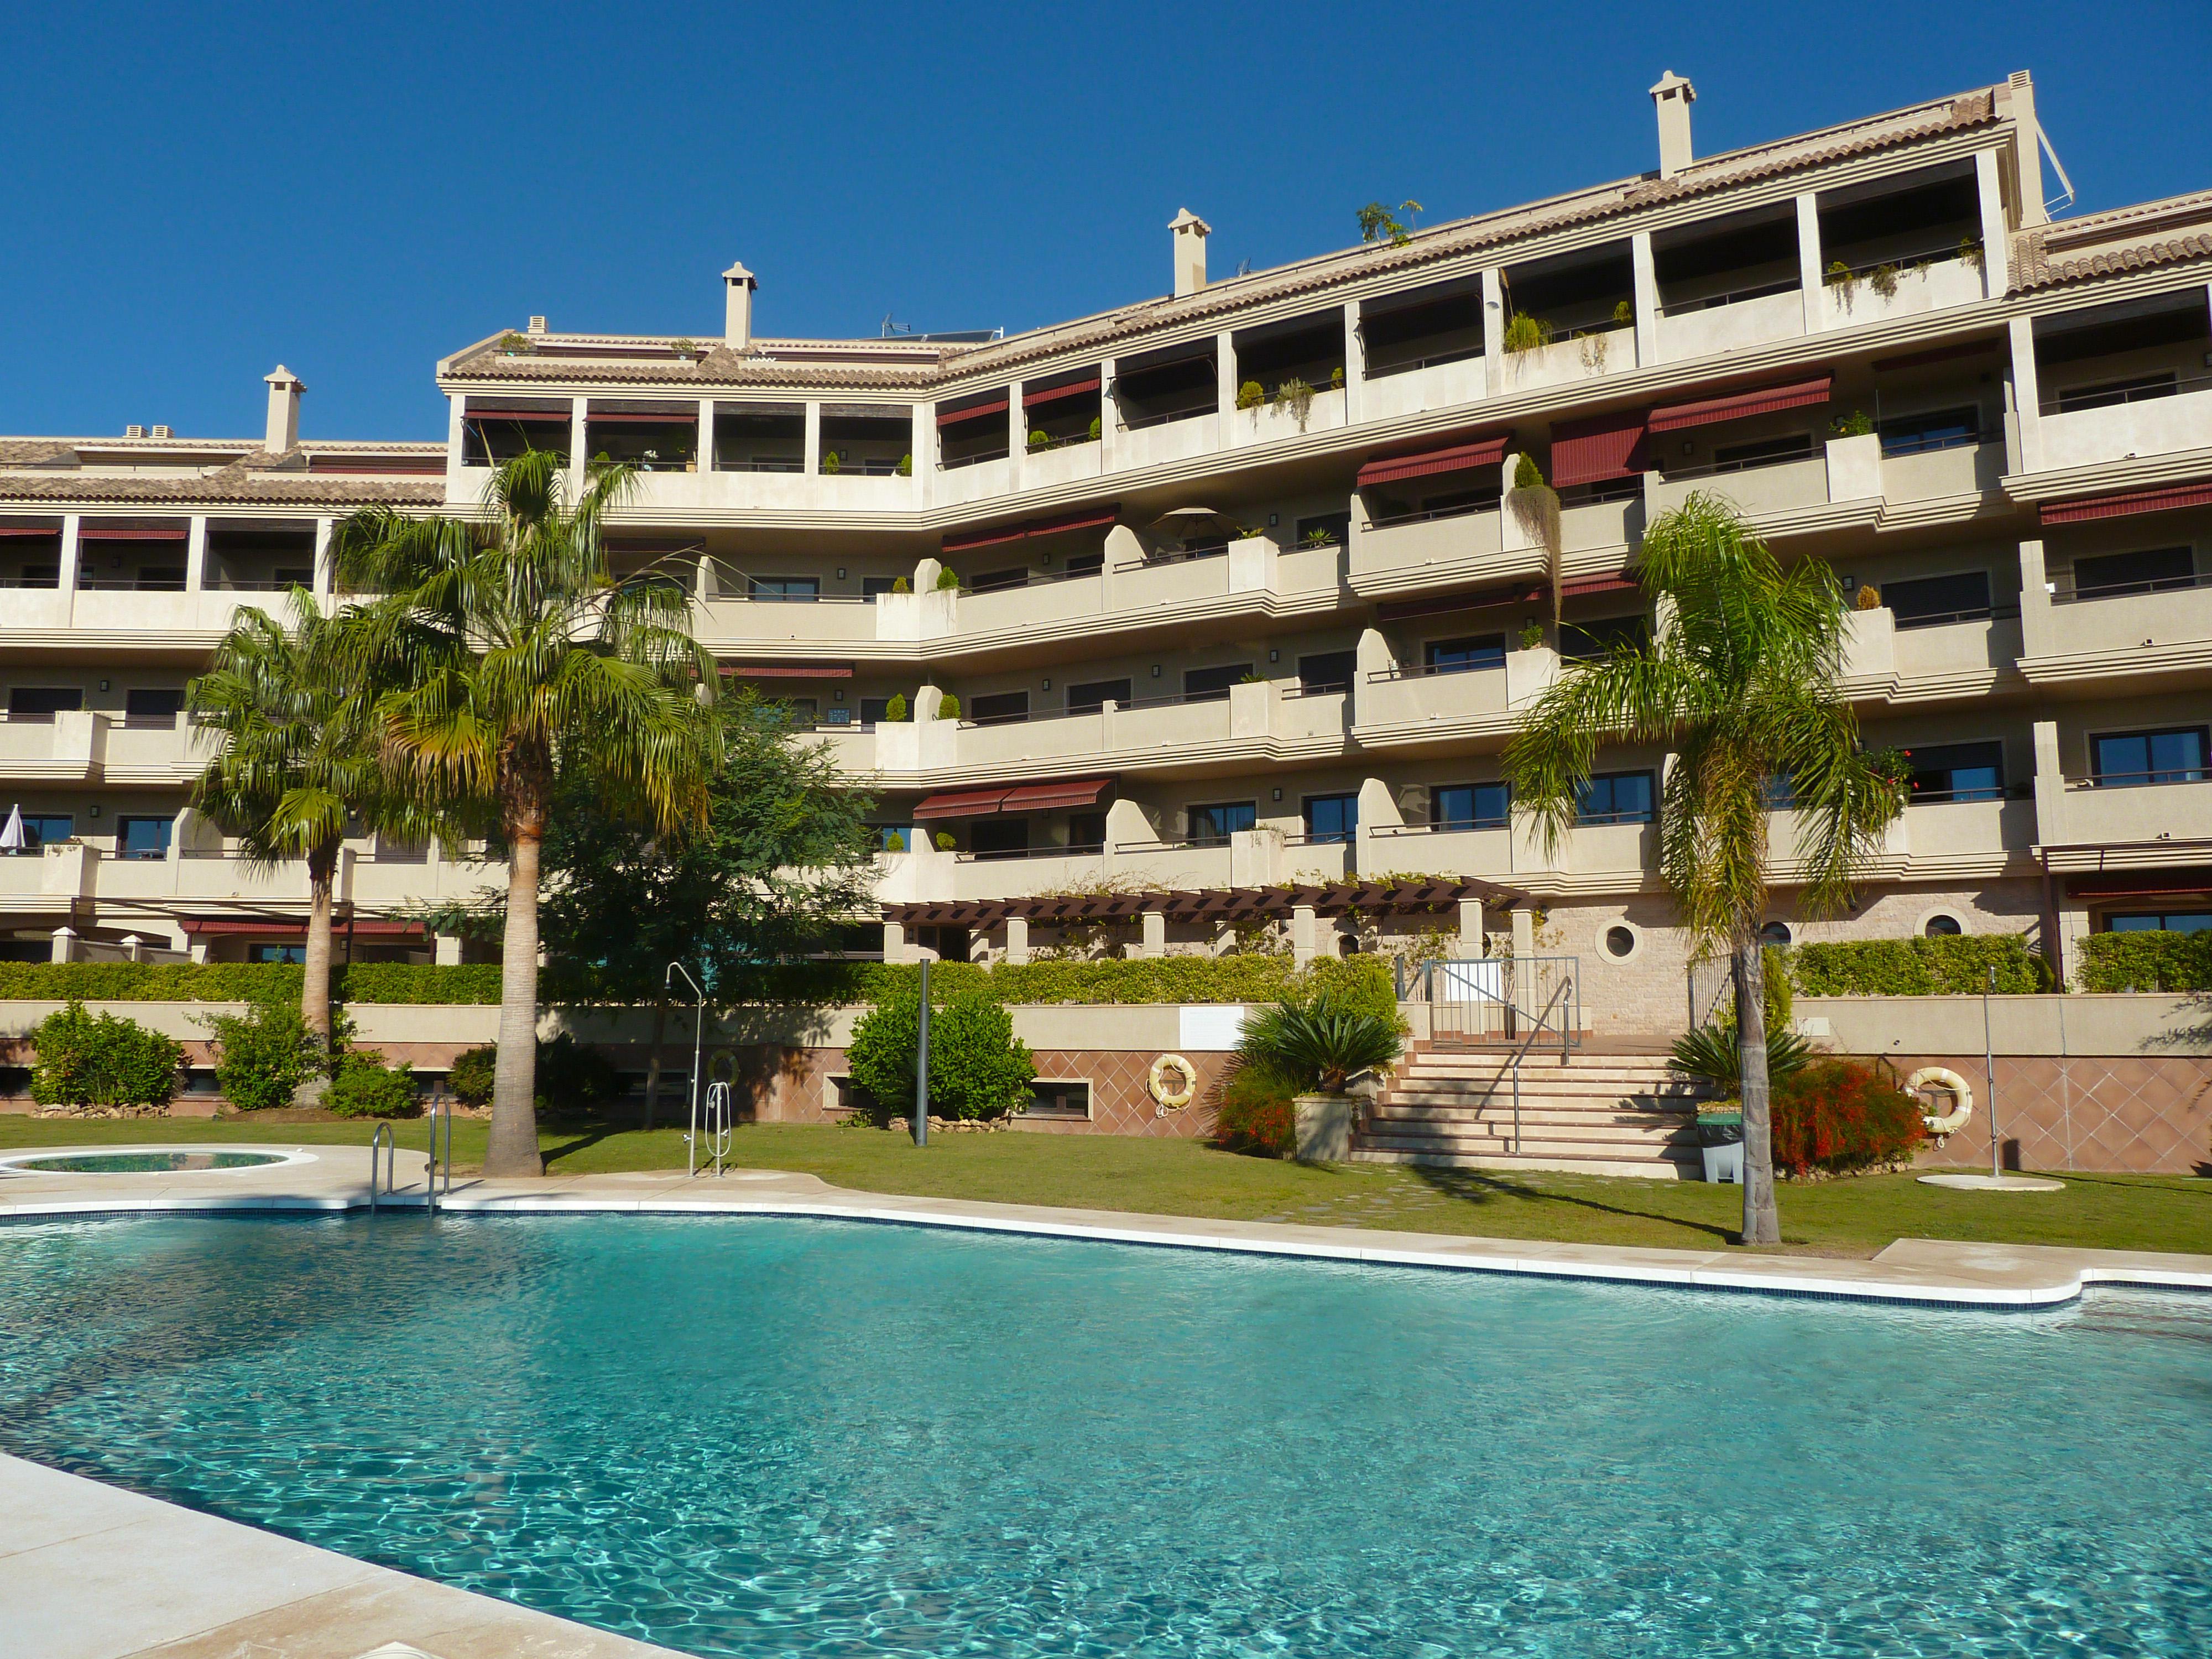 Apartment Mirador de la Yesera in Fuengirola, Spain ES5675.545.1 ...